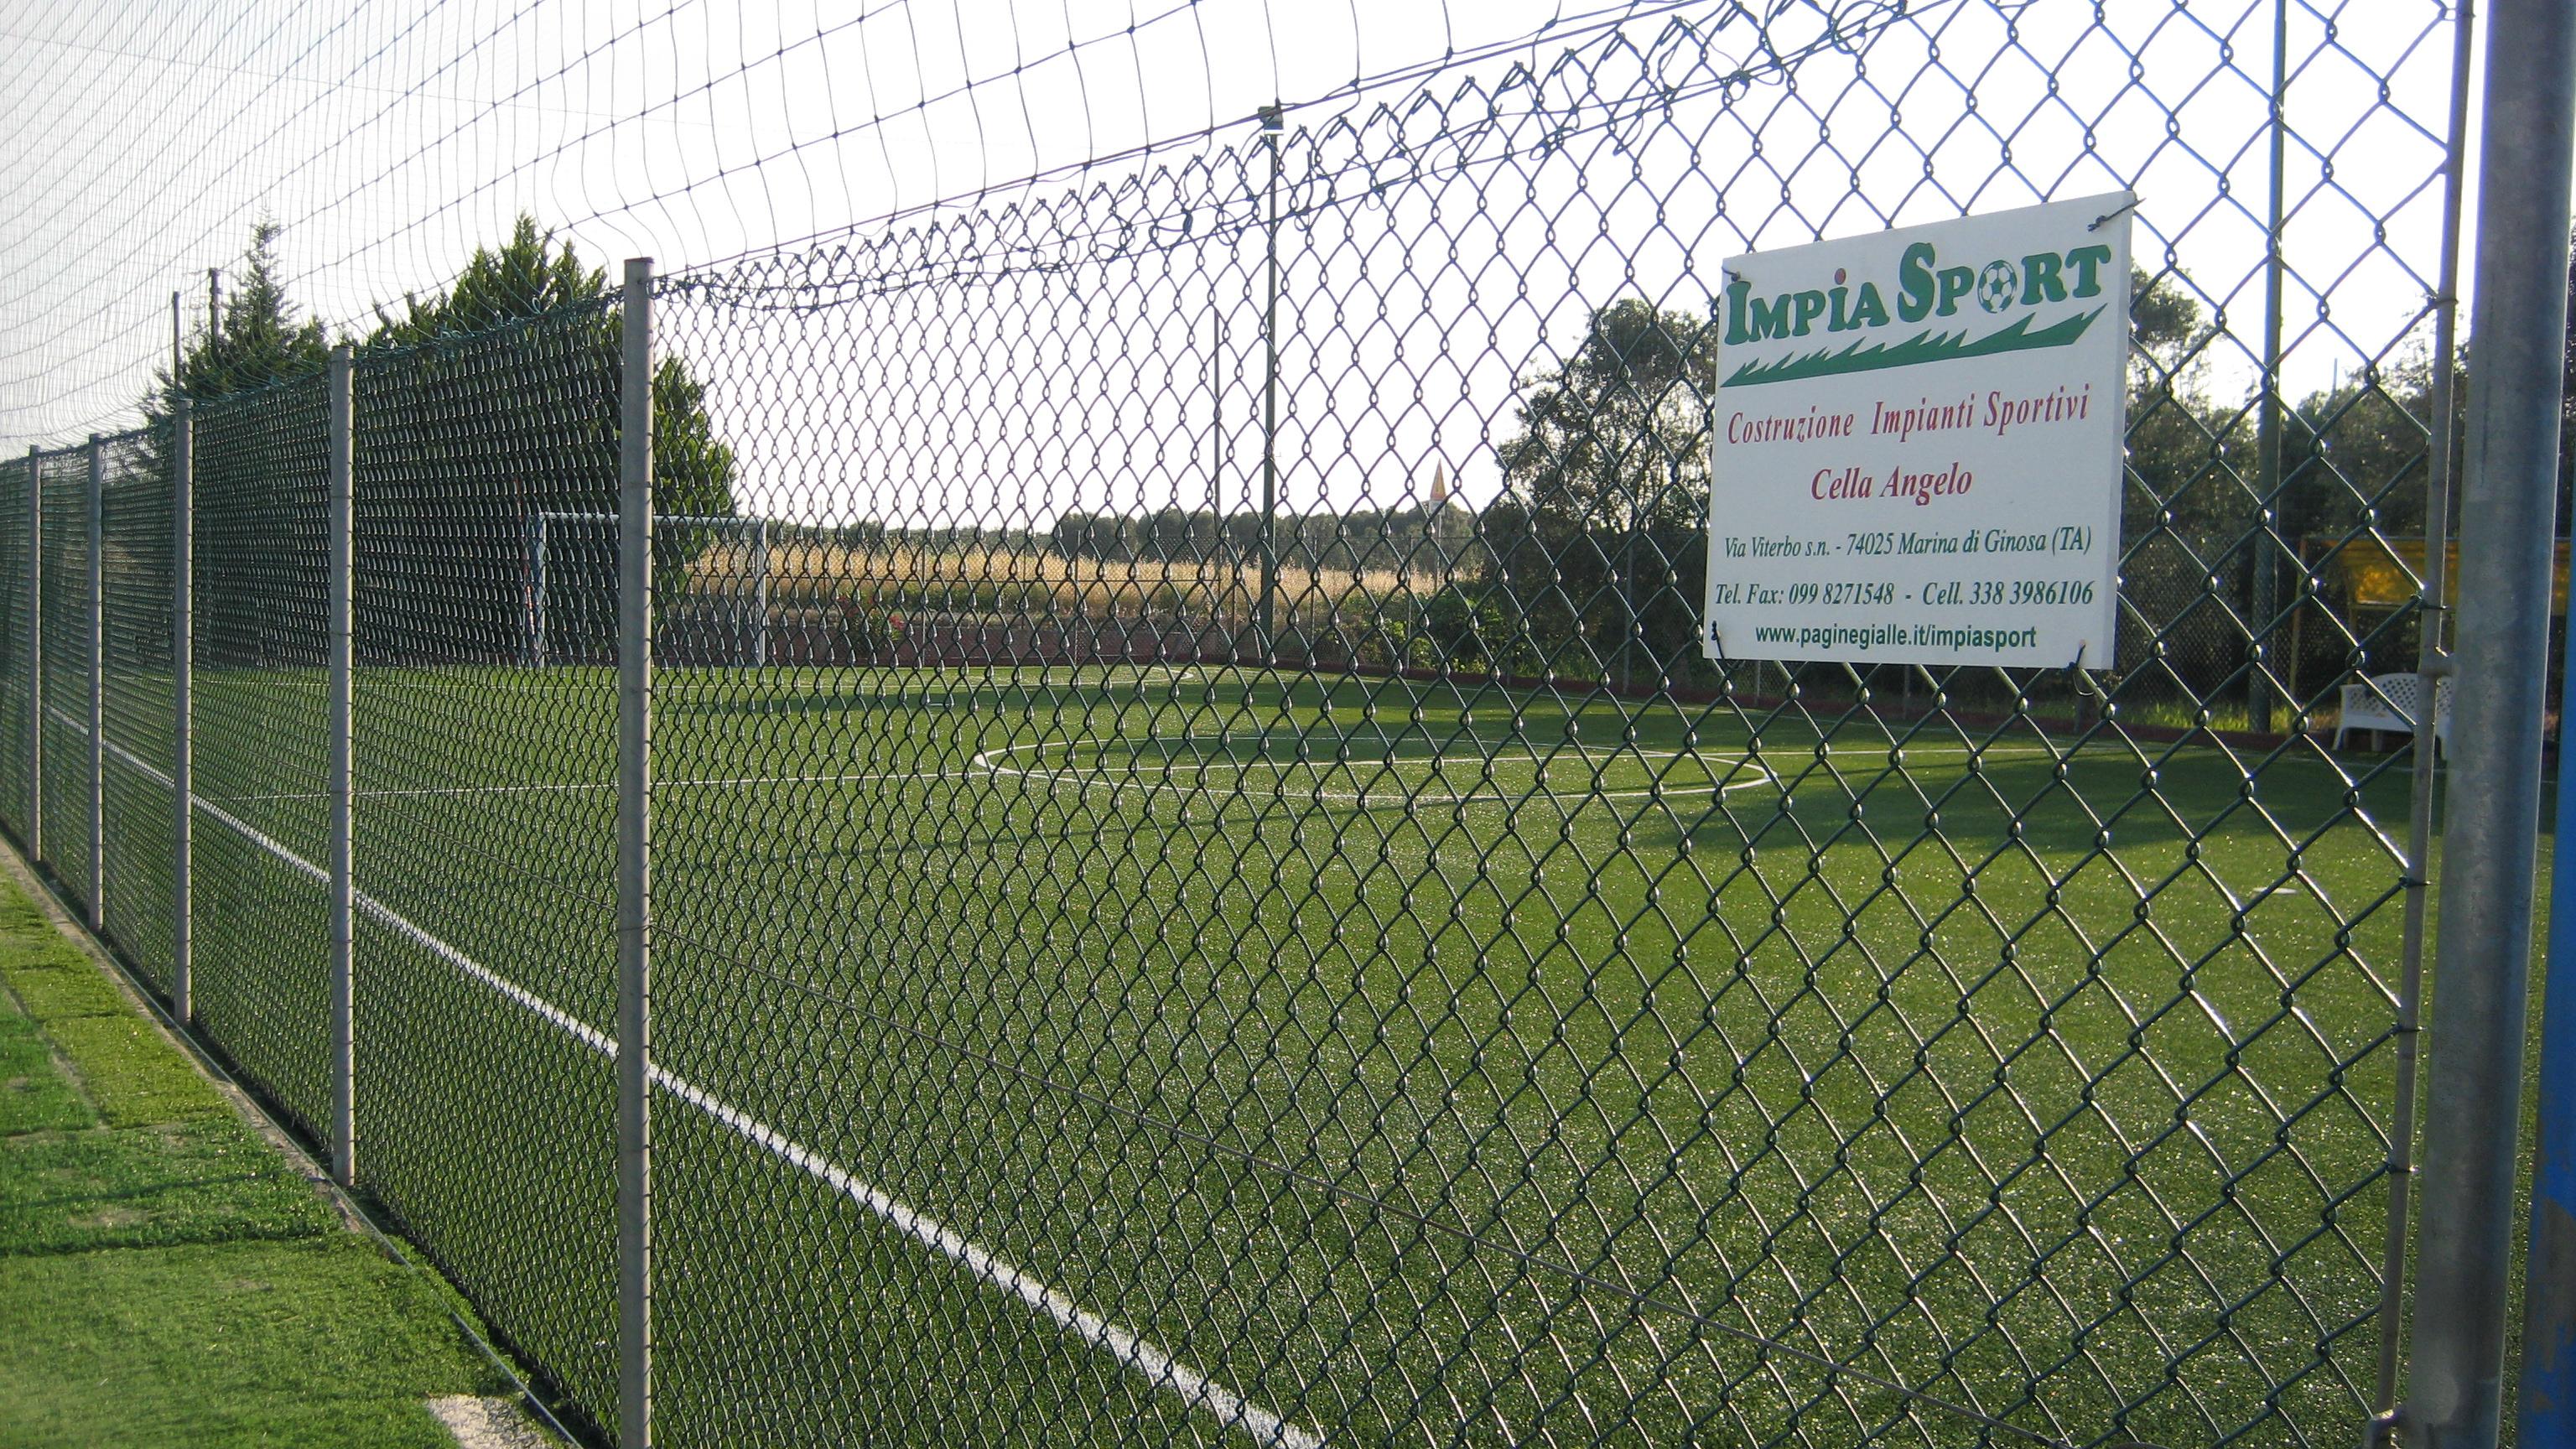 Consulenza ed assistenza tecnica in fase progettuale ed esecutiva di impianti sportivi